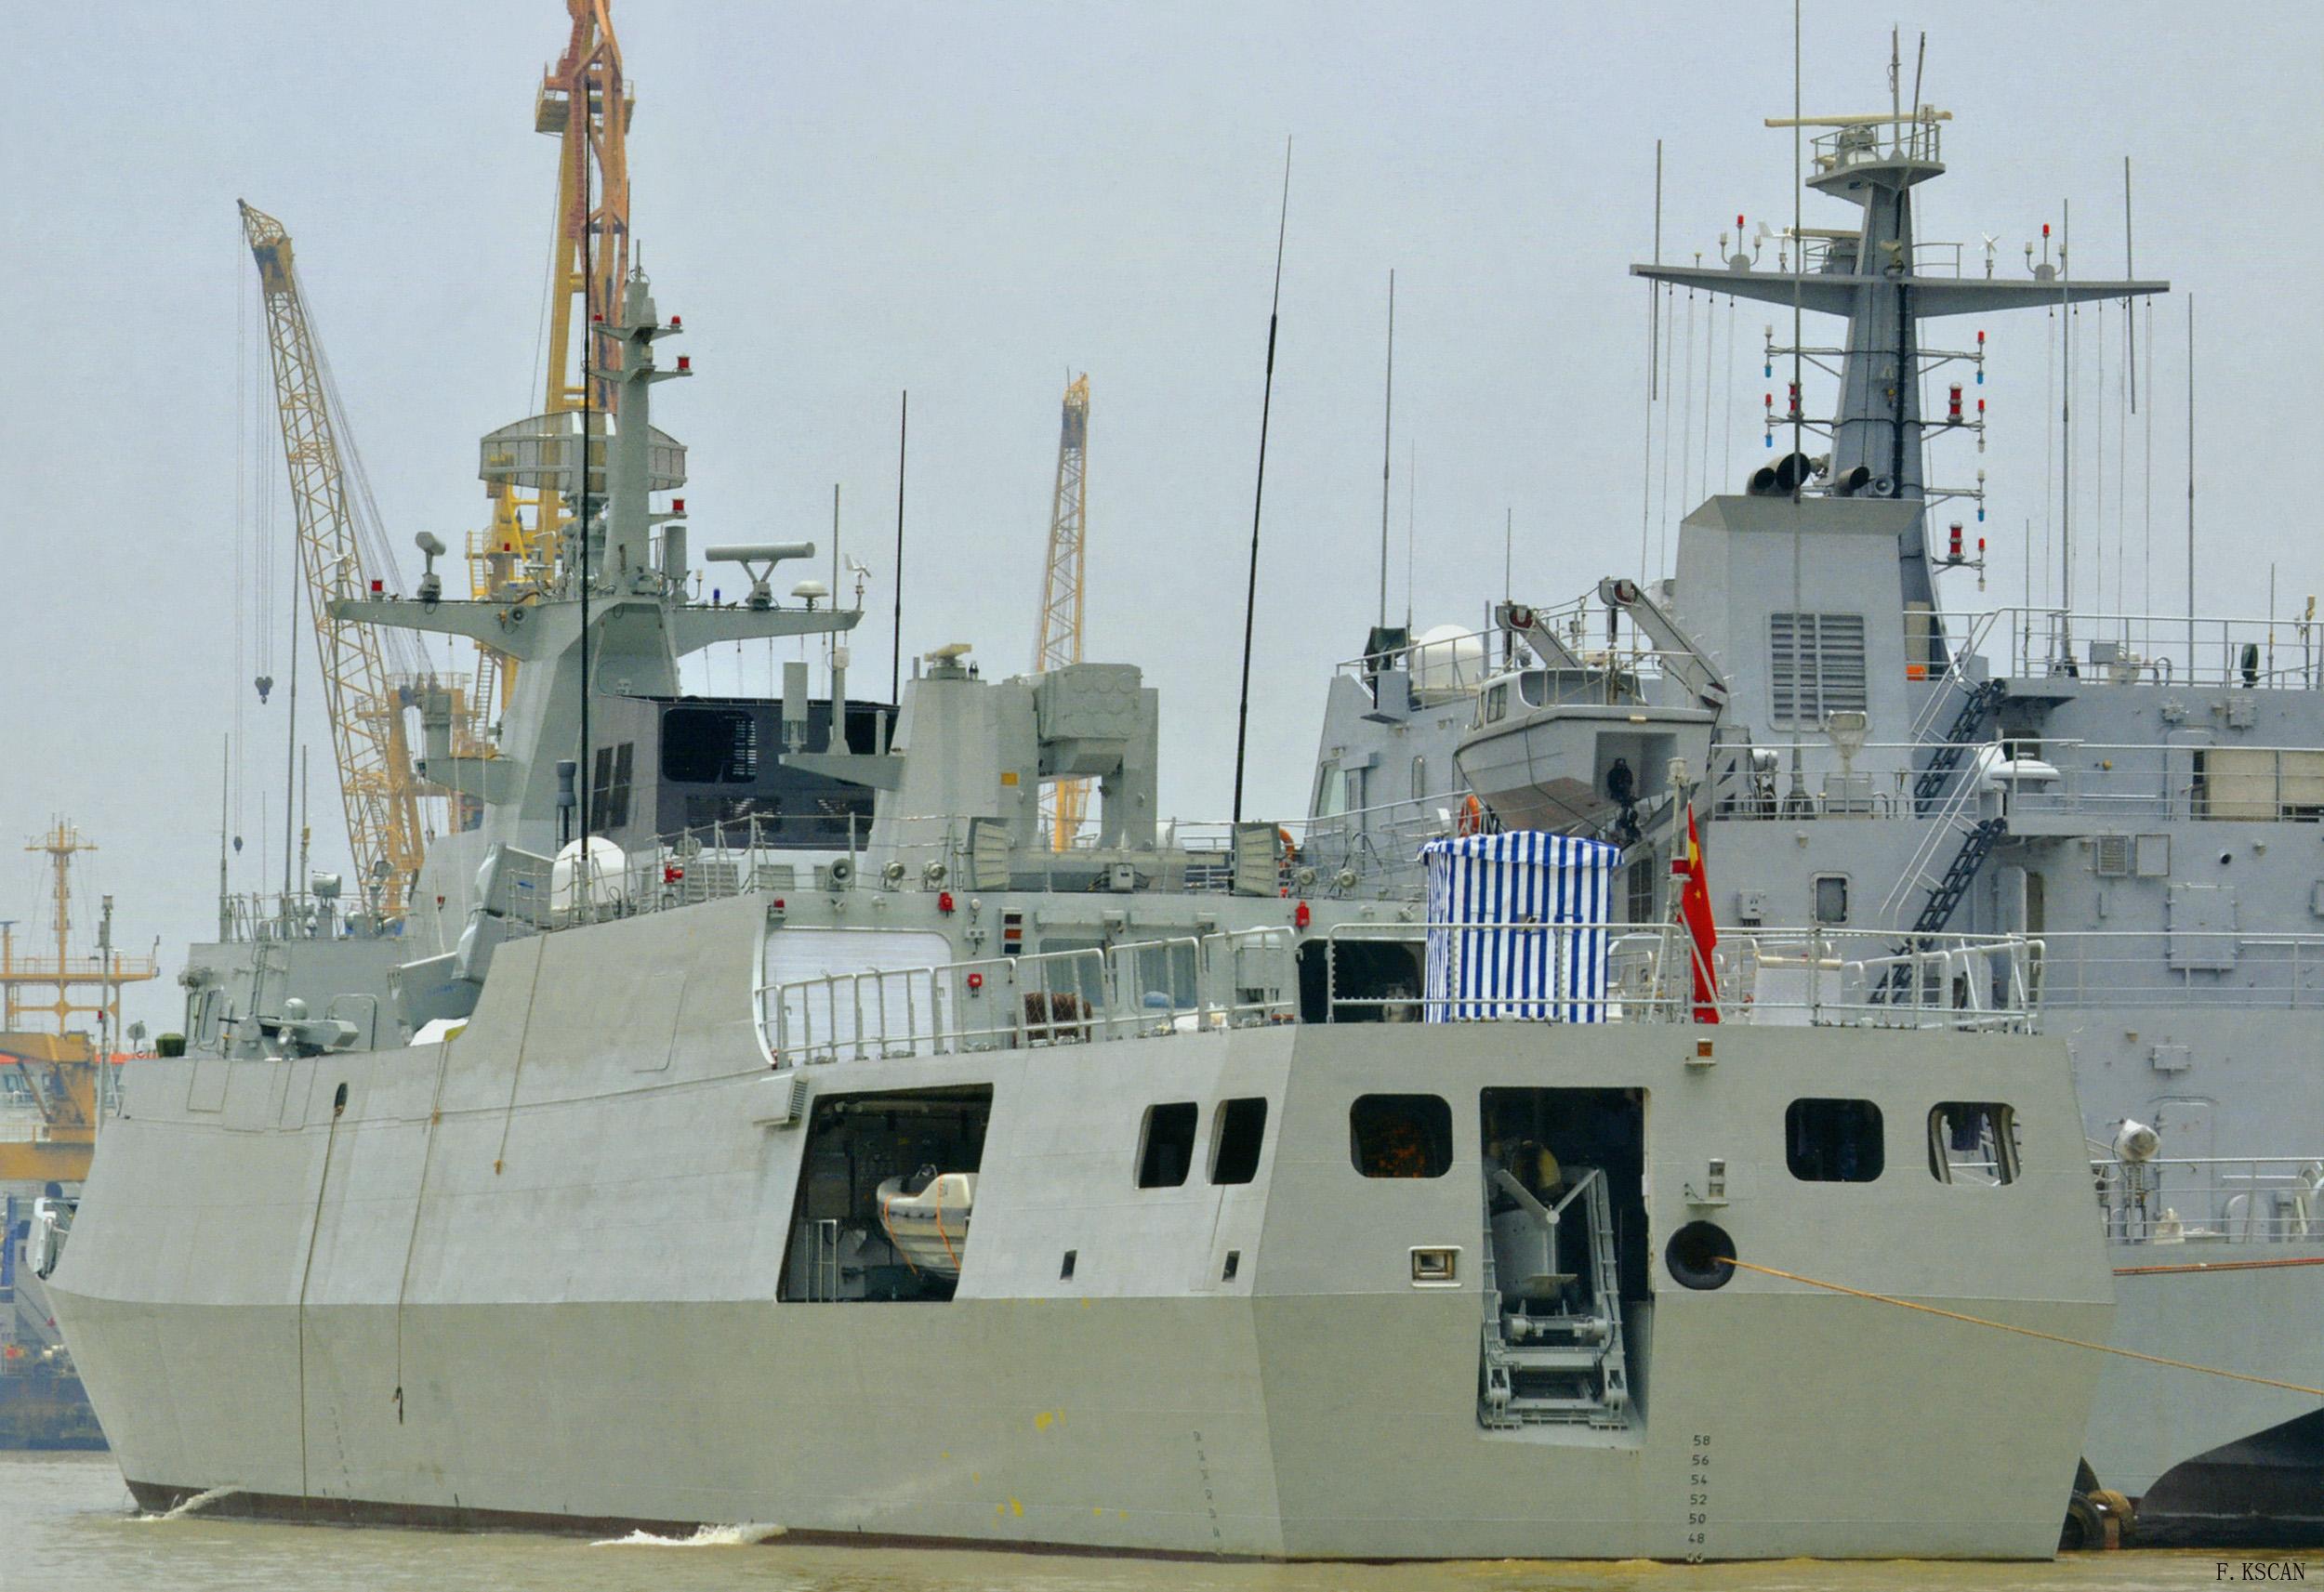 Une corvette ASW Type 056A en construction, avec l'ouverture à la poupe pour le sonar remorqué